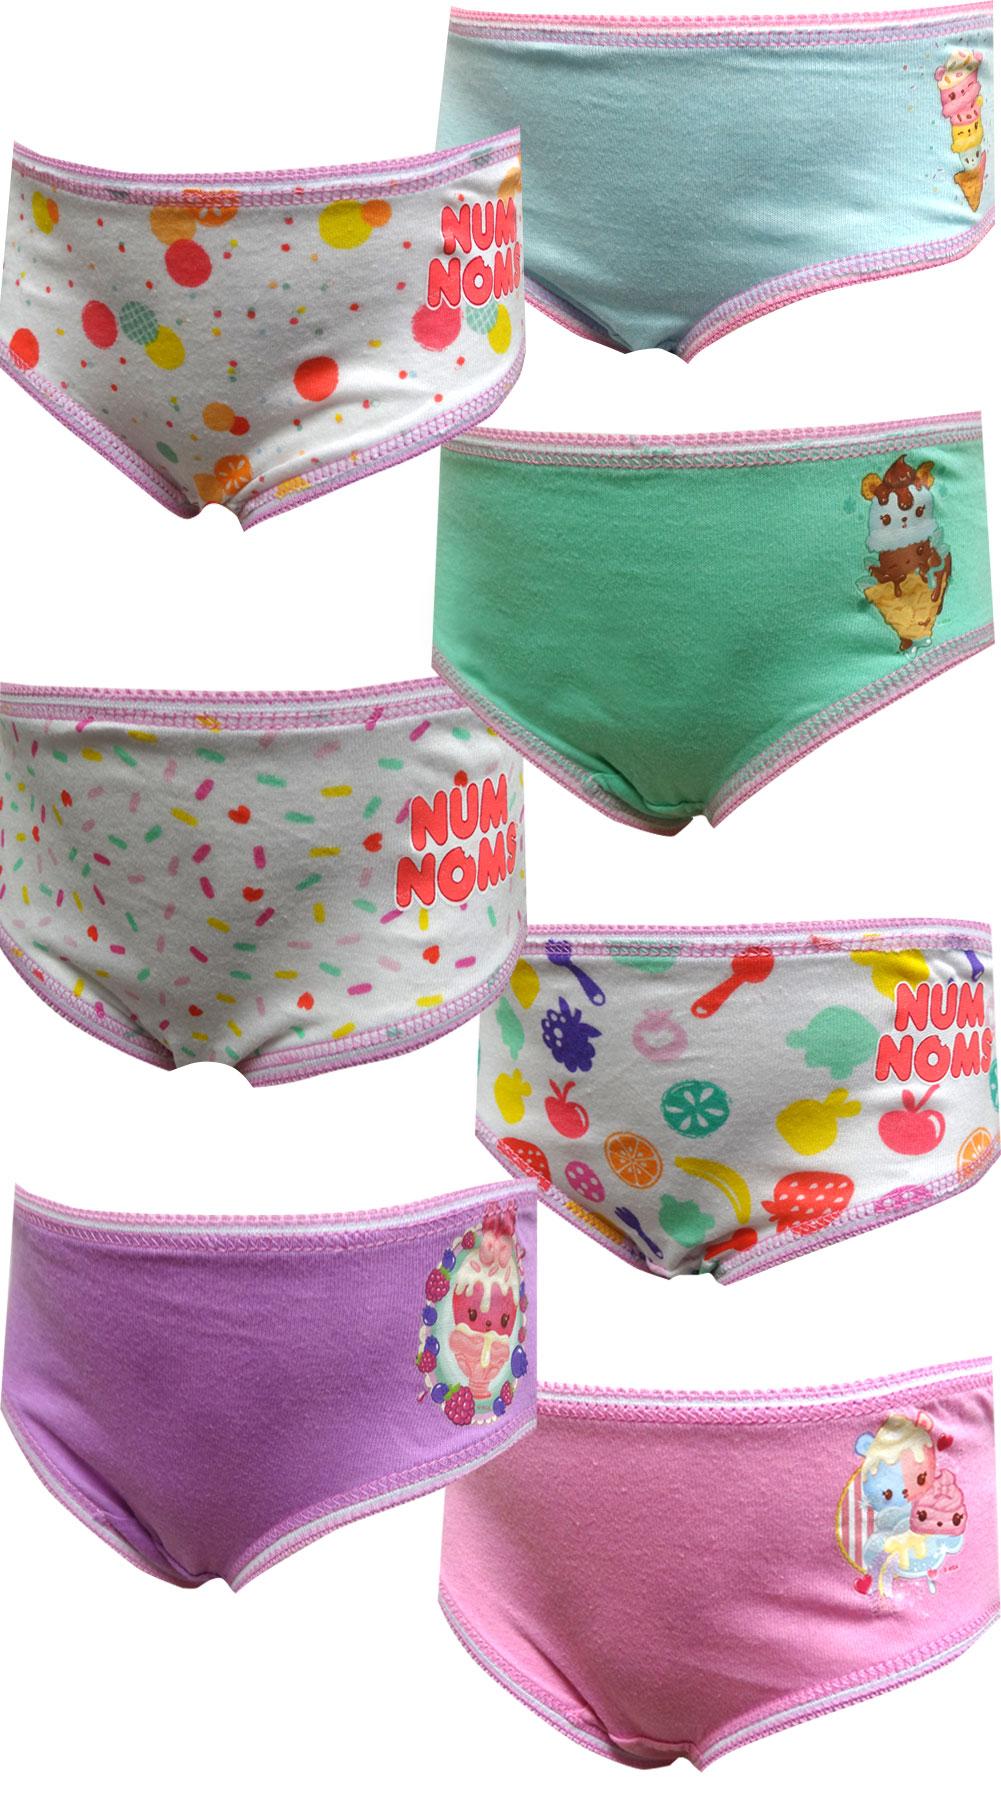 from Frankie nn girls in panties